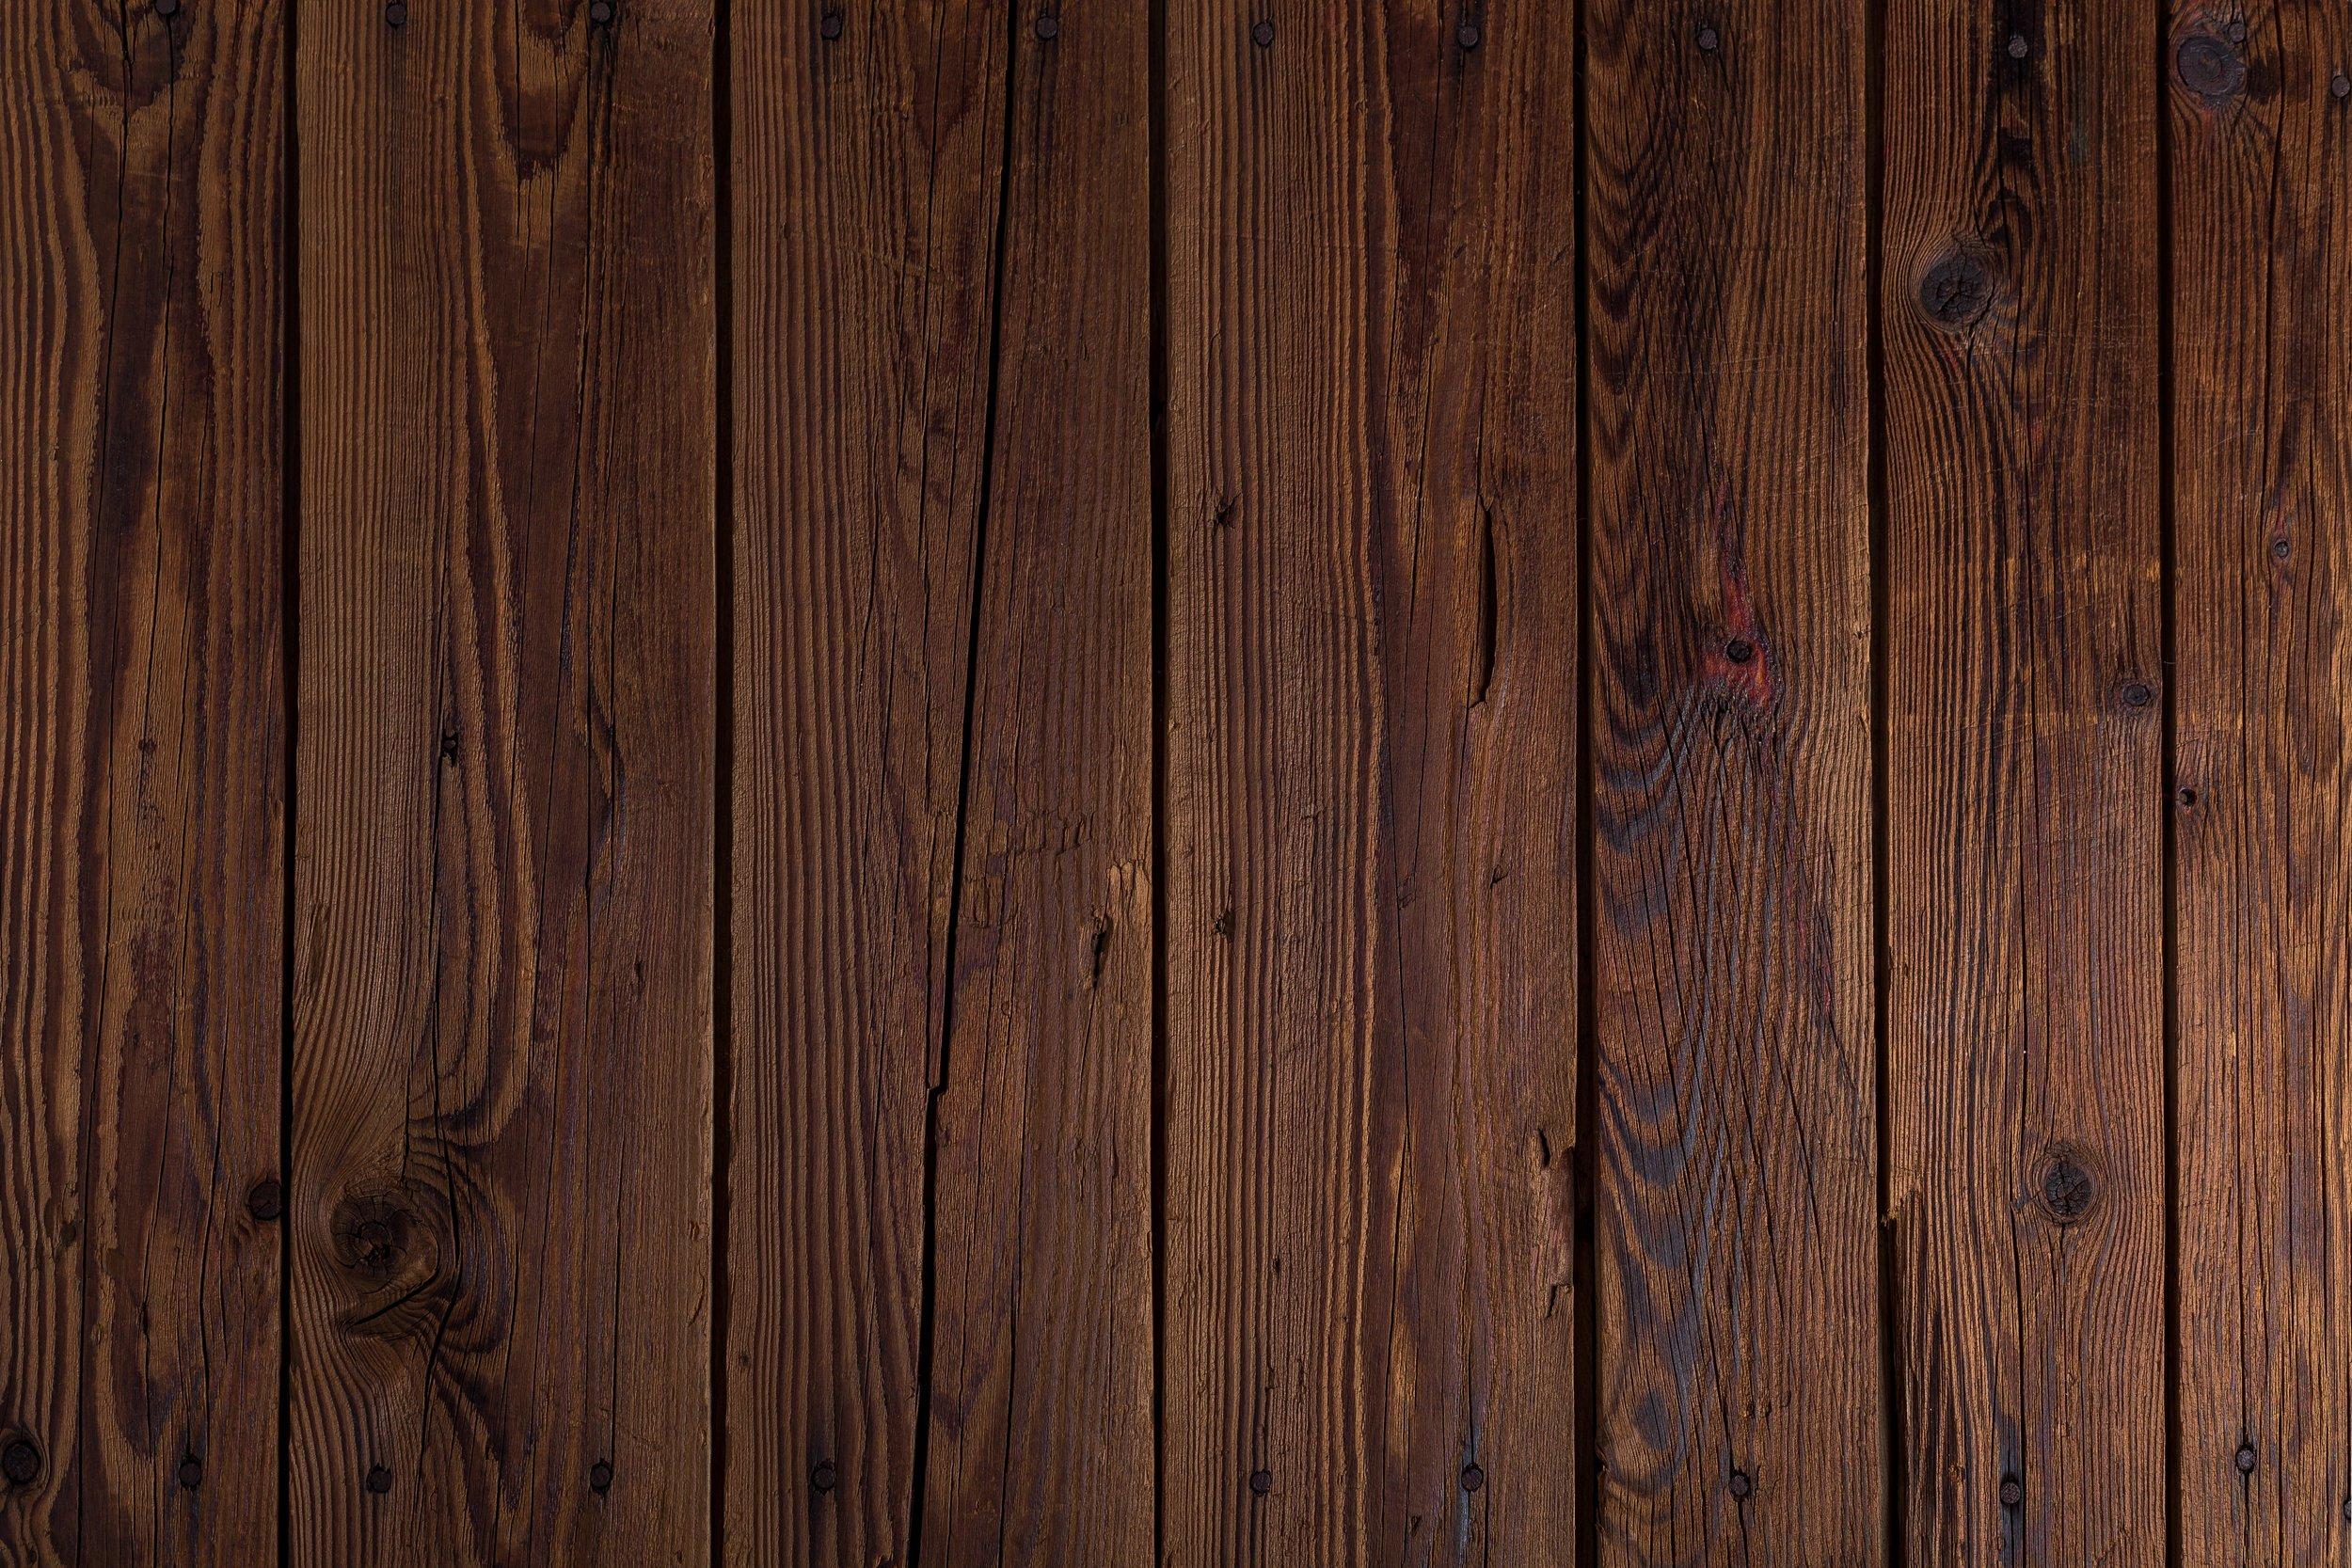 hardwood_carpet.jpeg